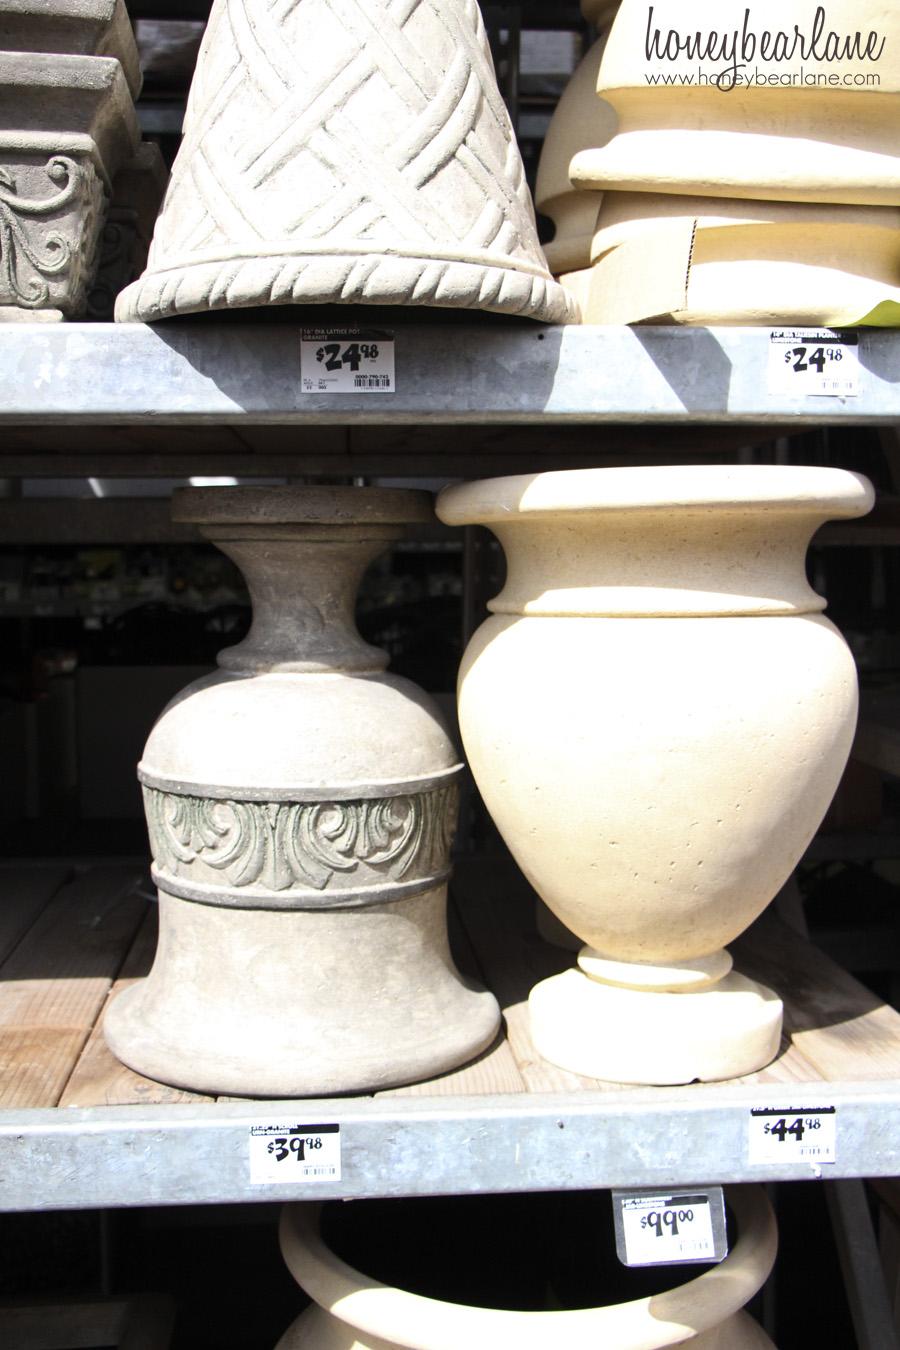 shopping at home depot honeybear lane flower pots at home depot